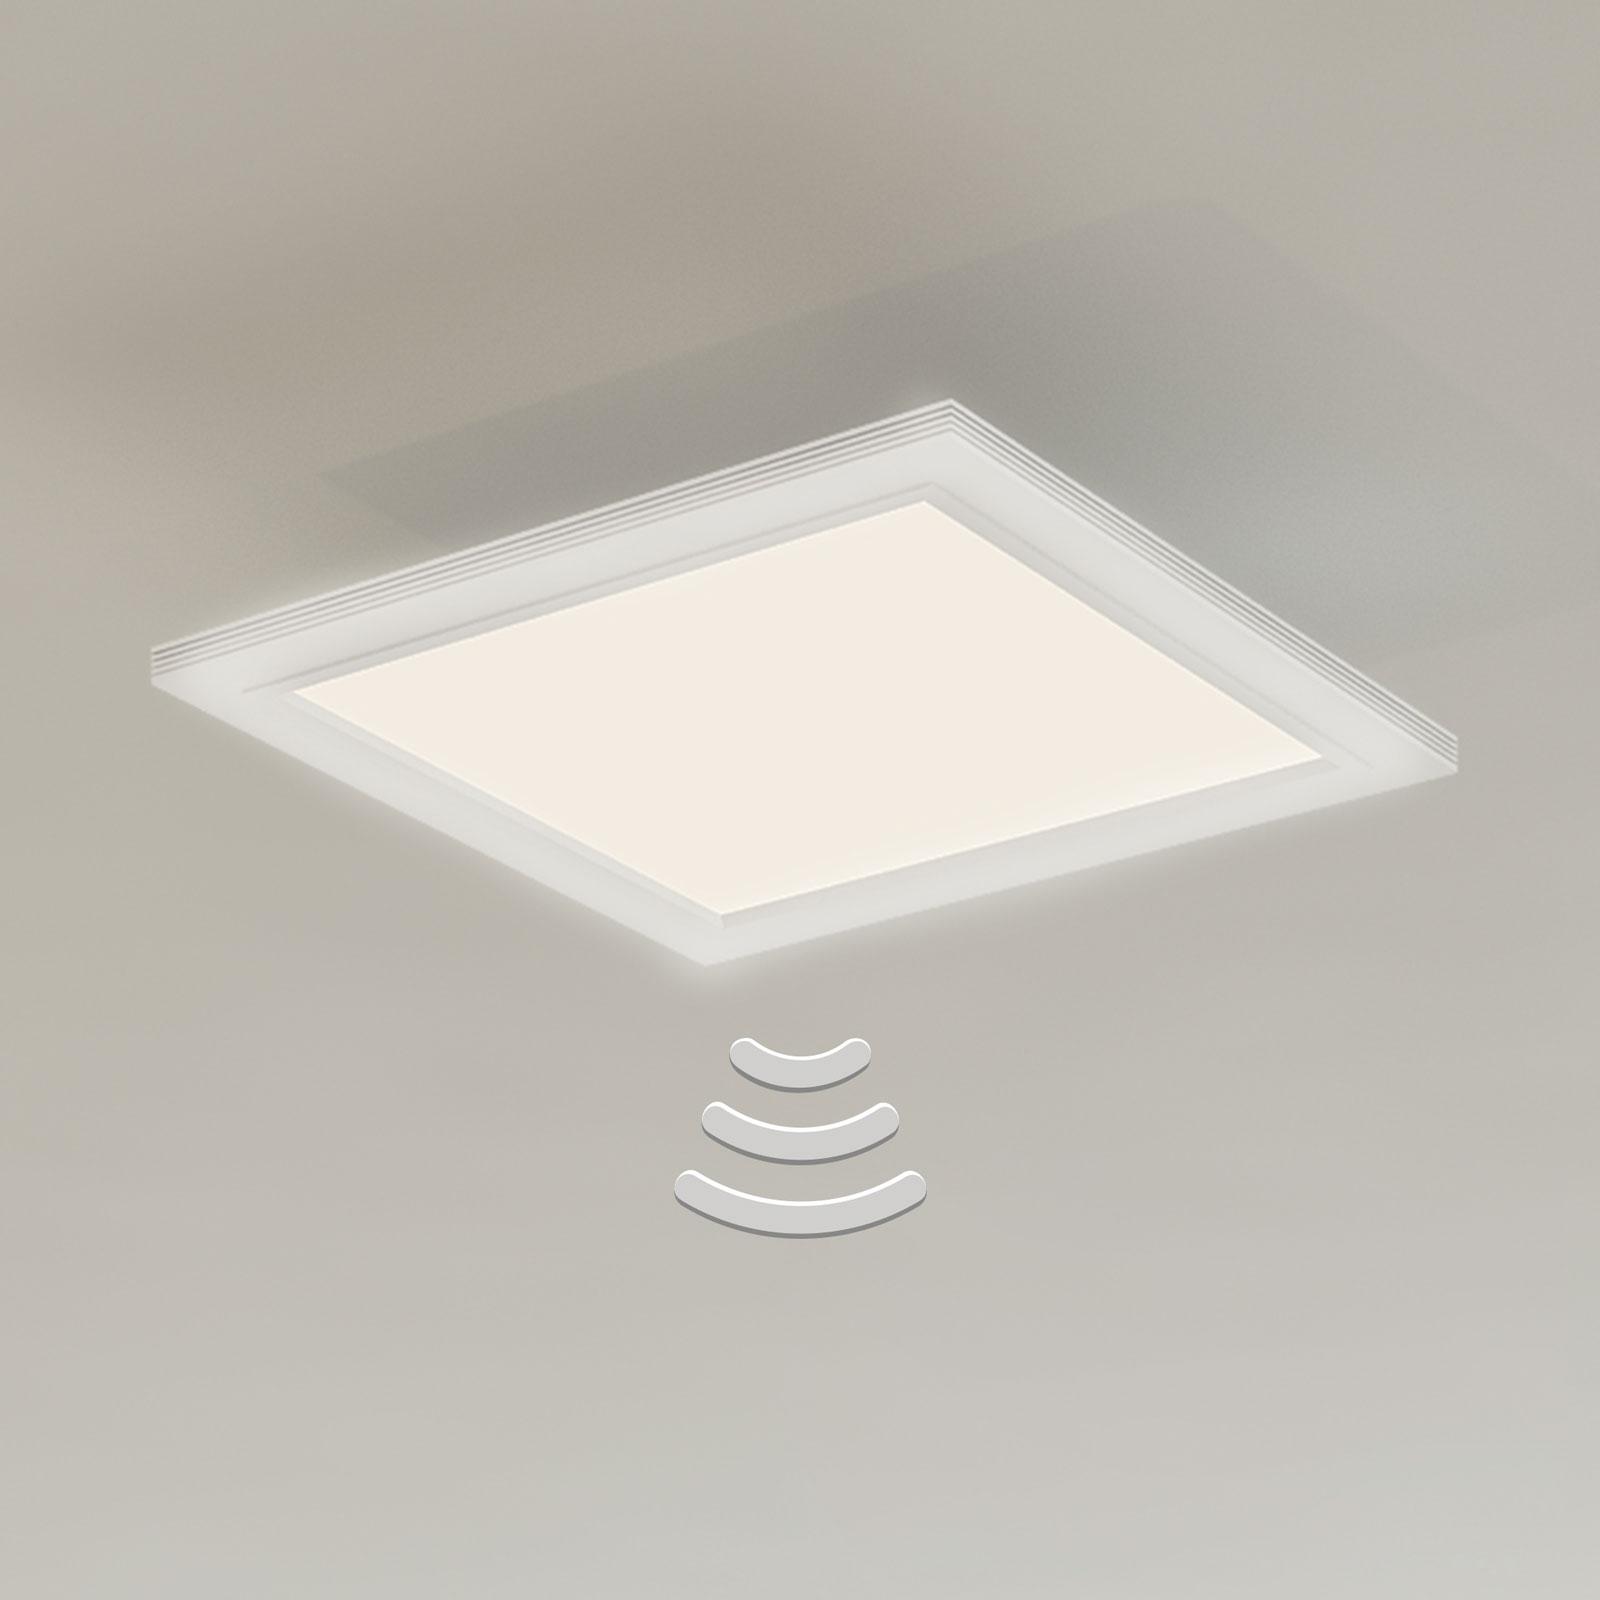 7187-016 LED-taklampe med sensor, 29,5 x 29,5 cm